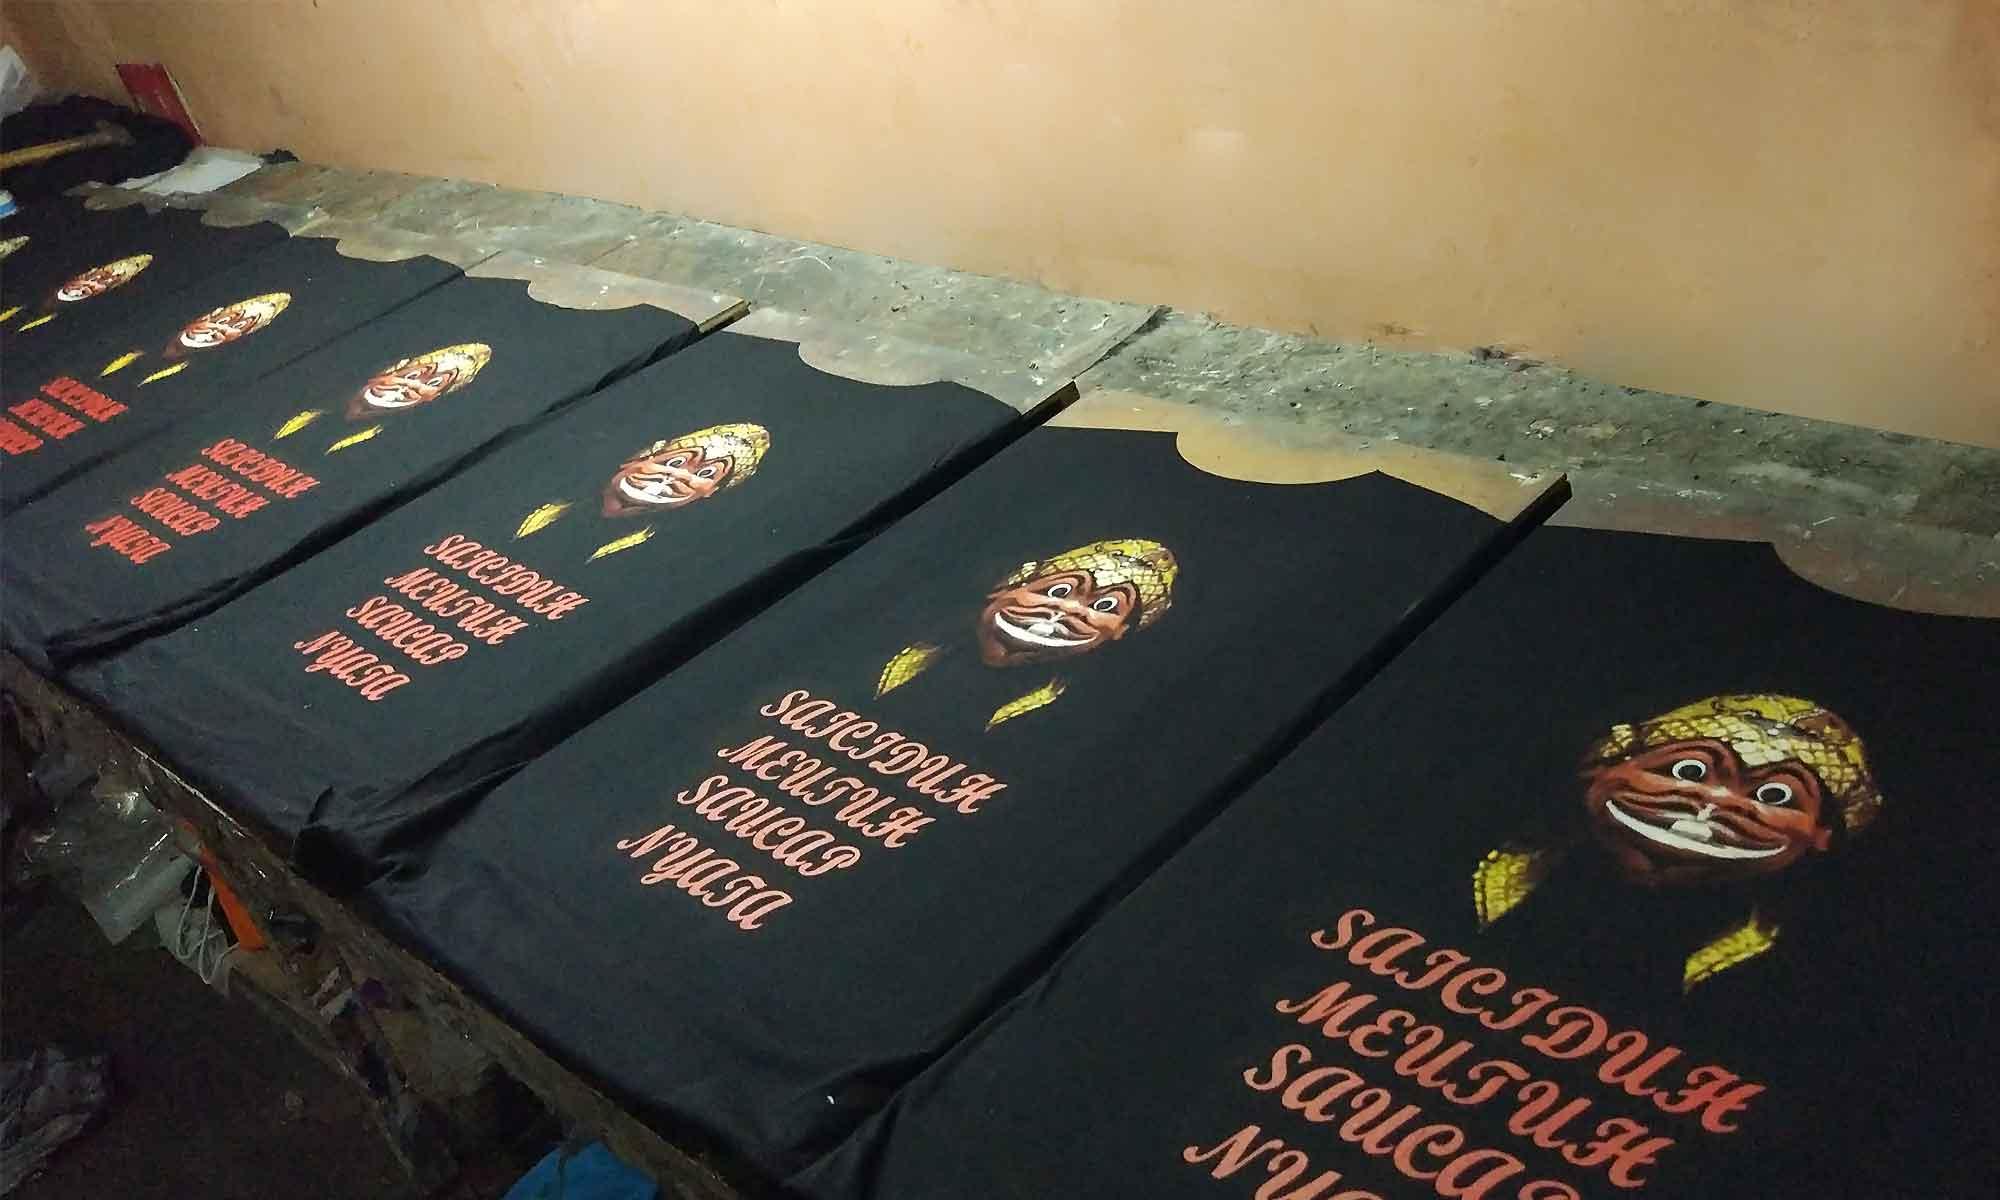 Kaos Murah Bandung